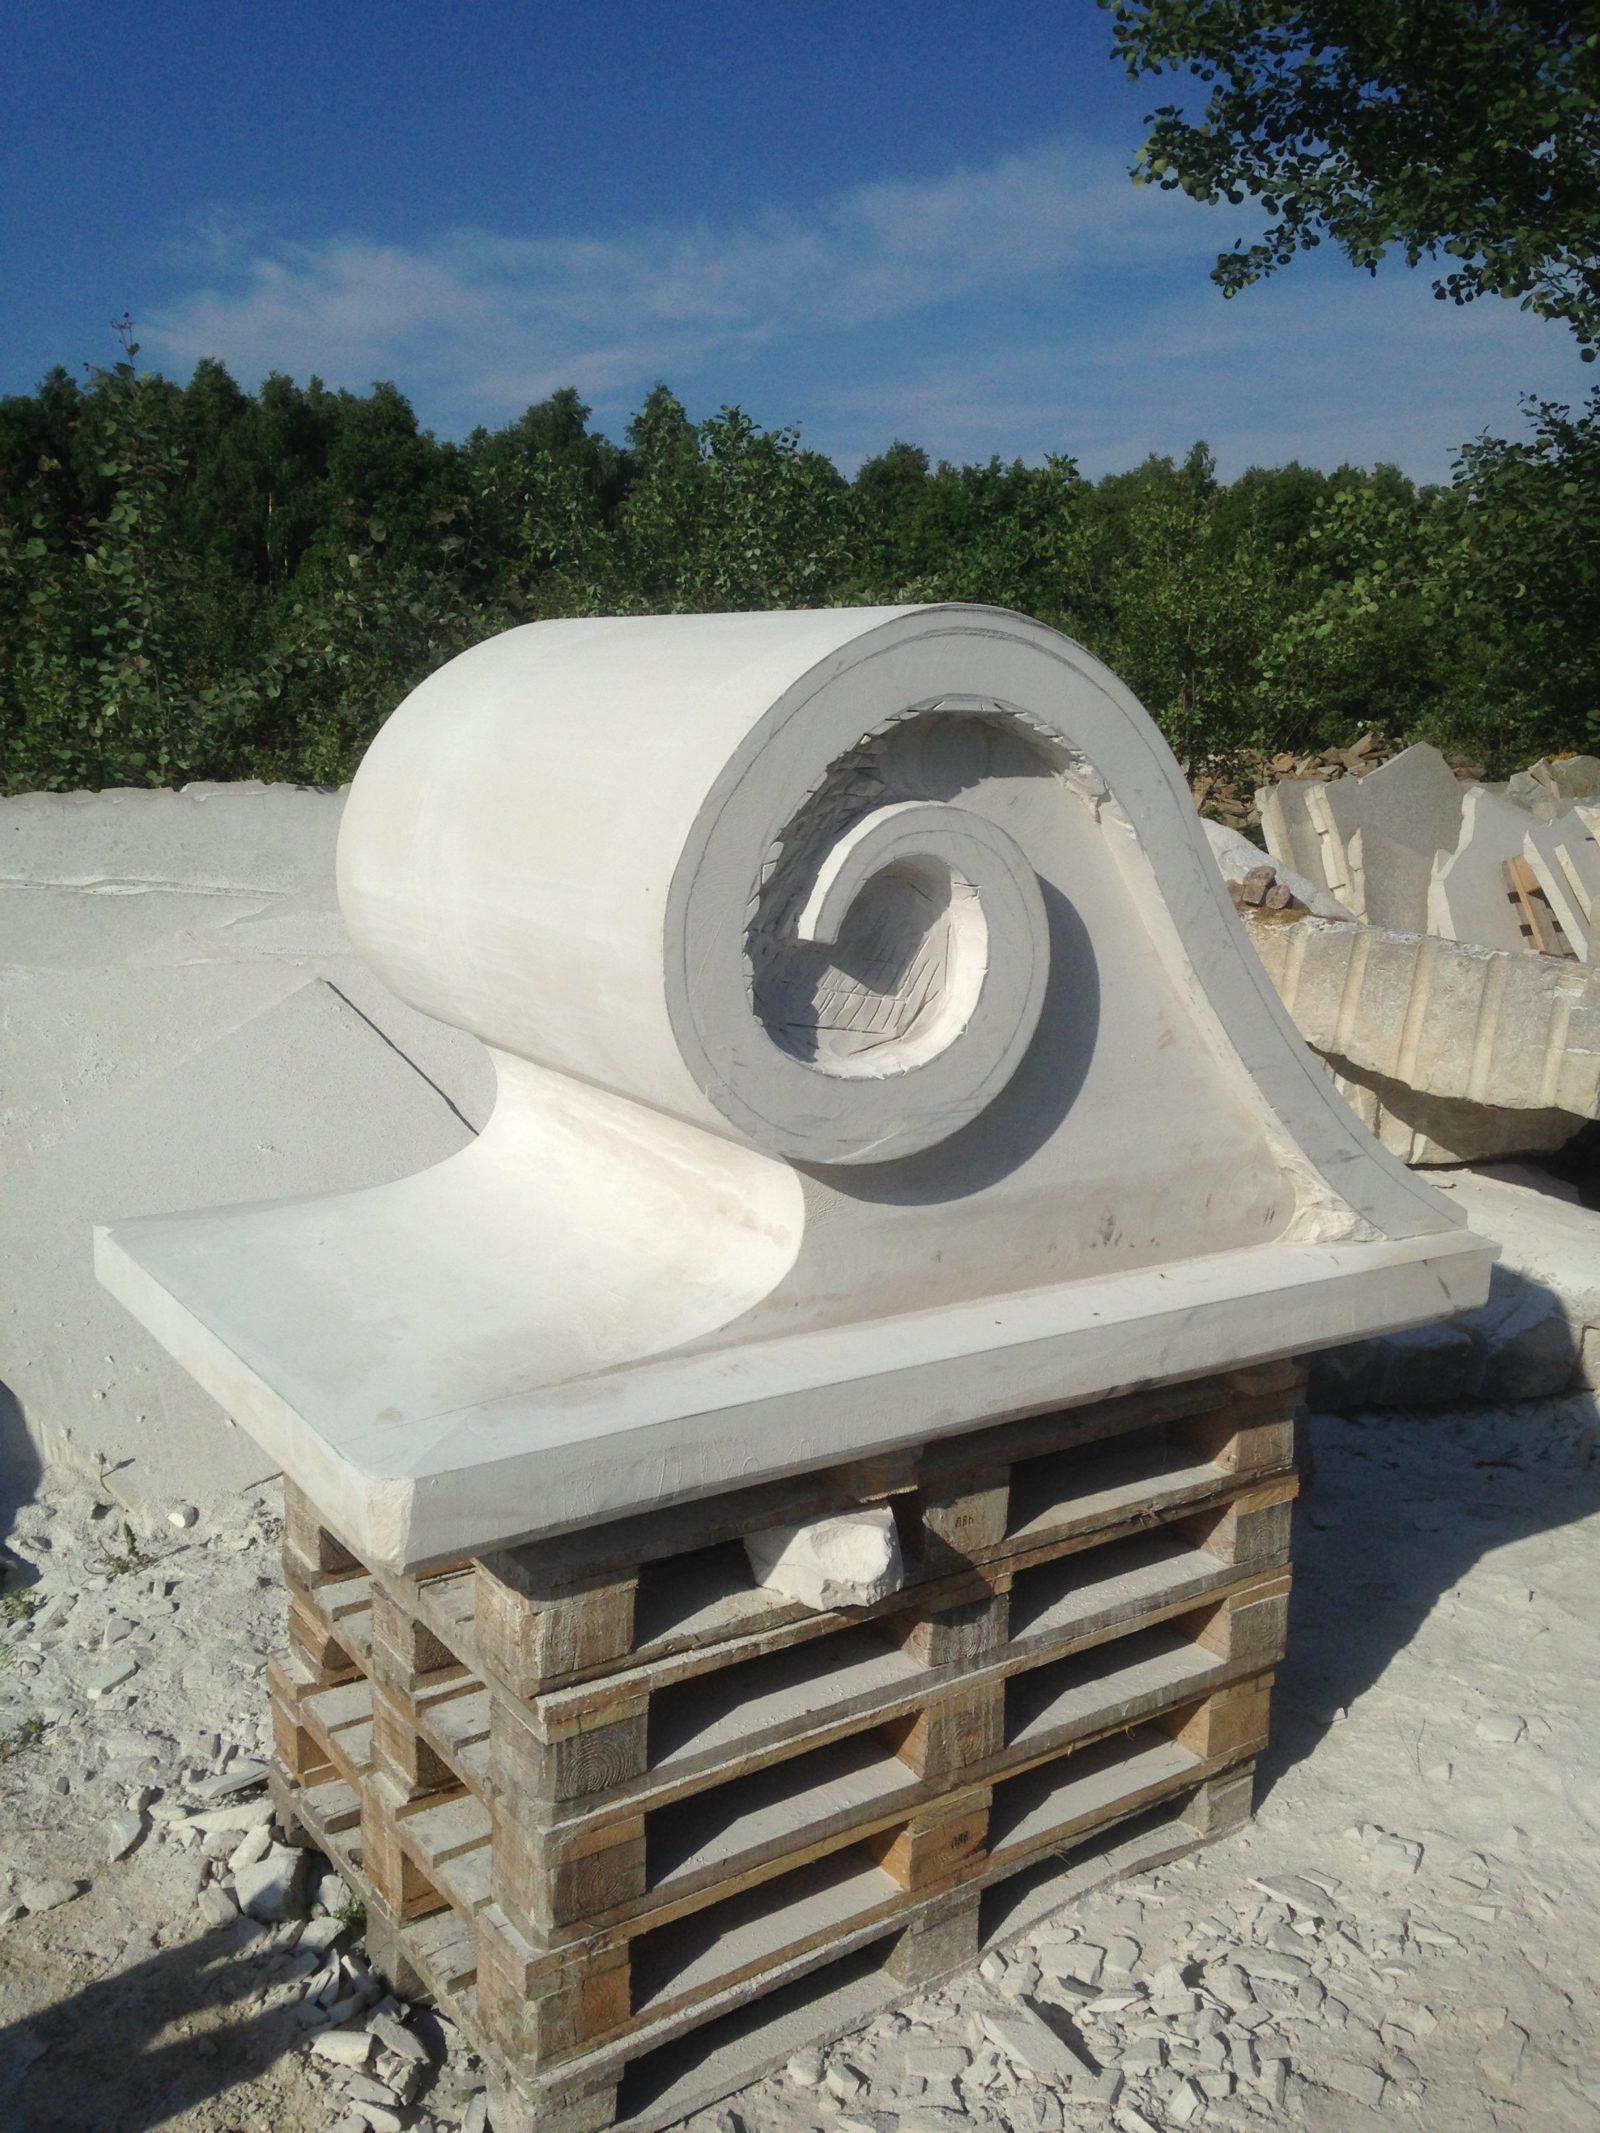 KAMBO renowacja i kompleksowe prace kamieniarskie elewacja schody balustrady detale kamienne